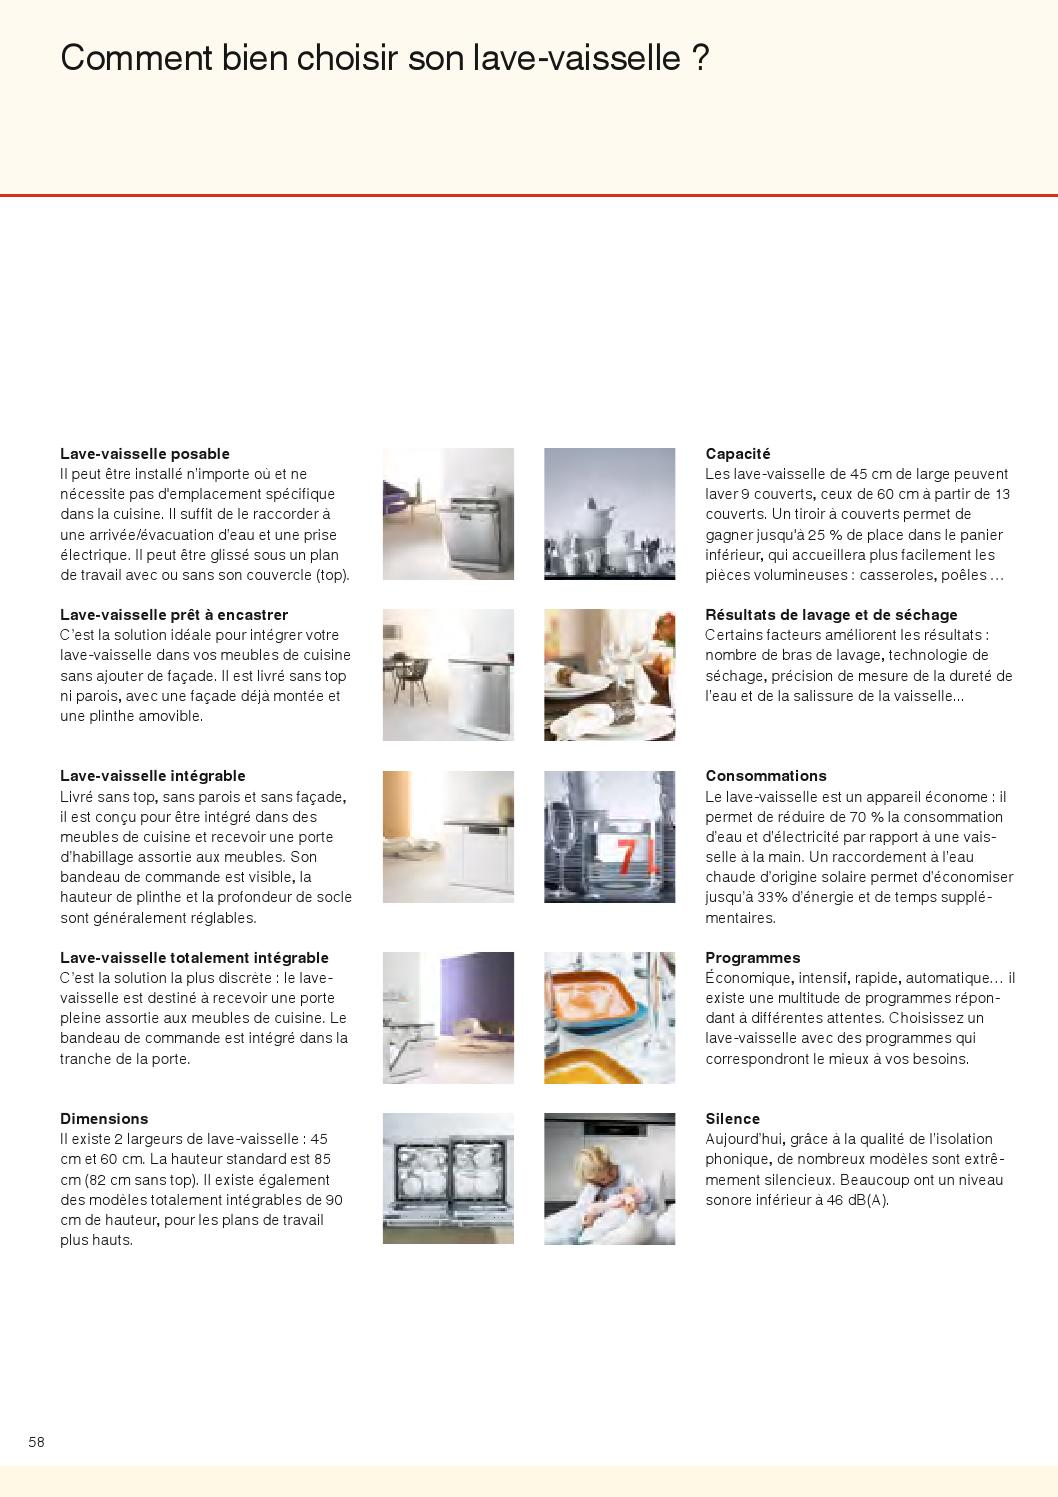 Quel Est Le Temps De Lavage D Un Lave Vaisselle catalogue miele avril 2013 lave vaisselle posablesdirect